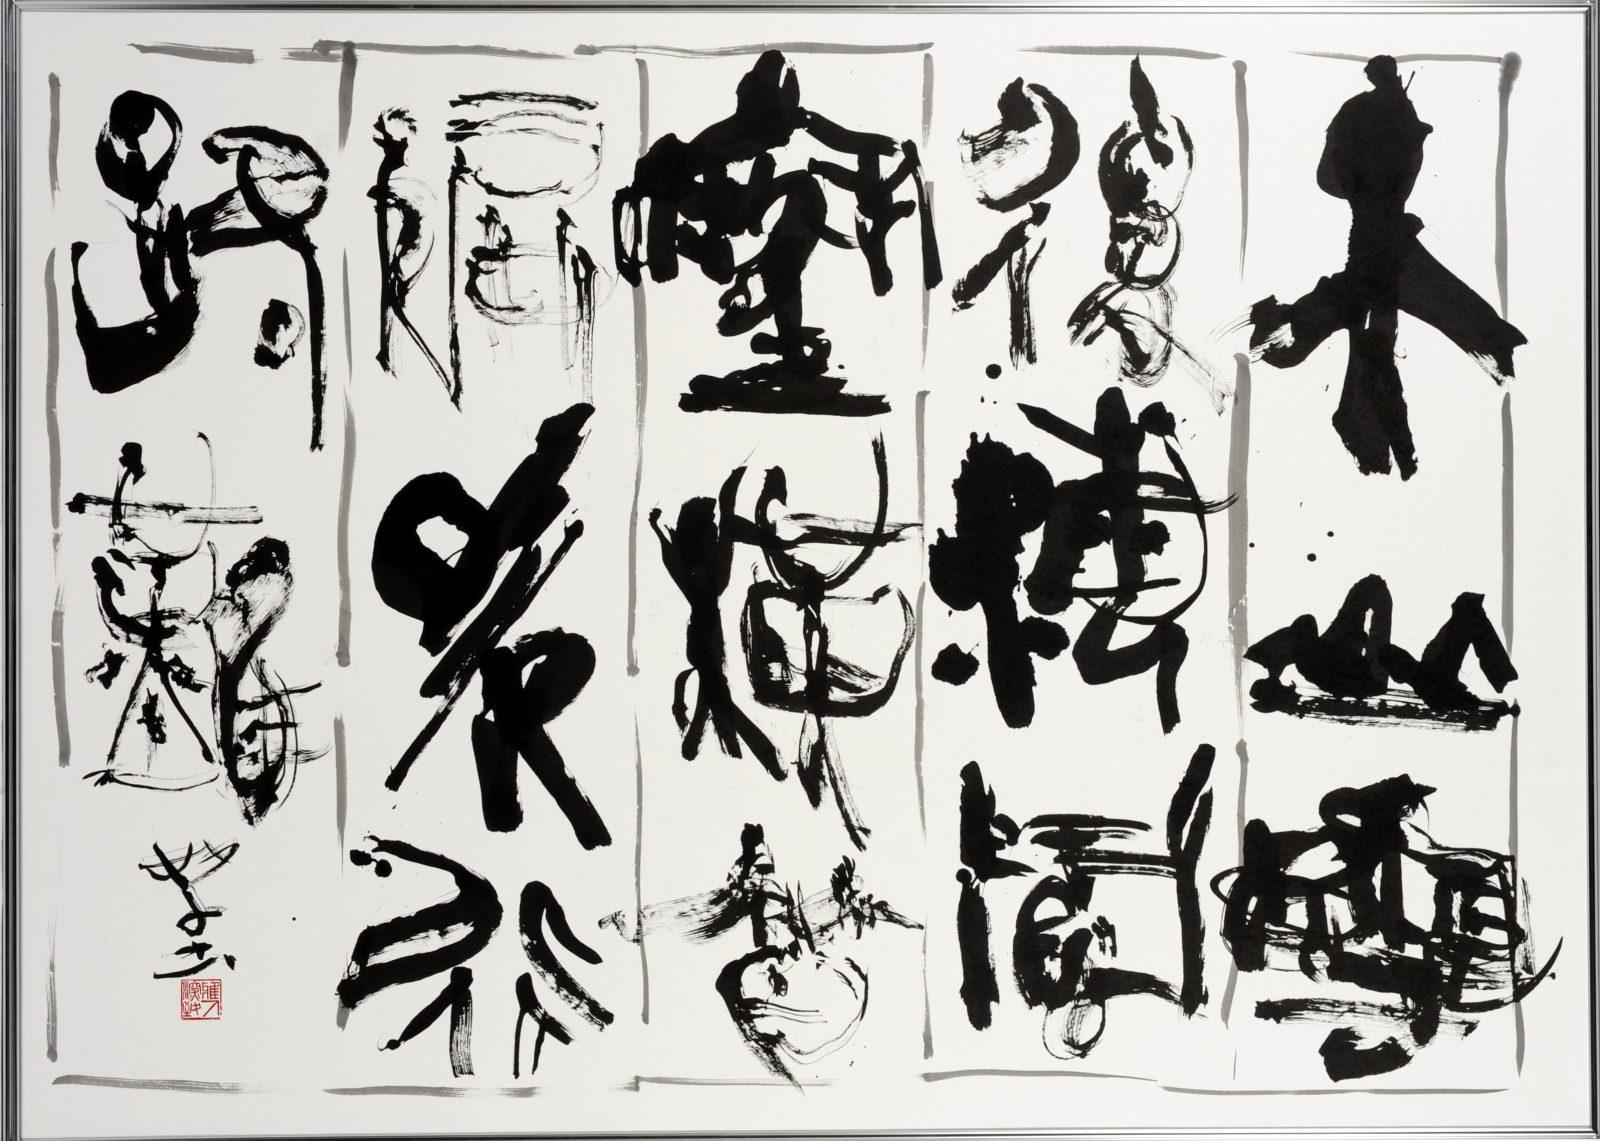 第70回滋賀県美術展覧会(書の部)特選「シルクロードの雪」